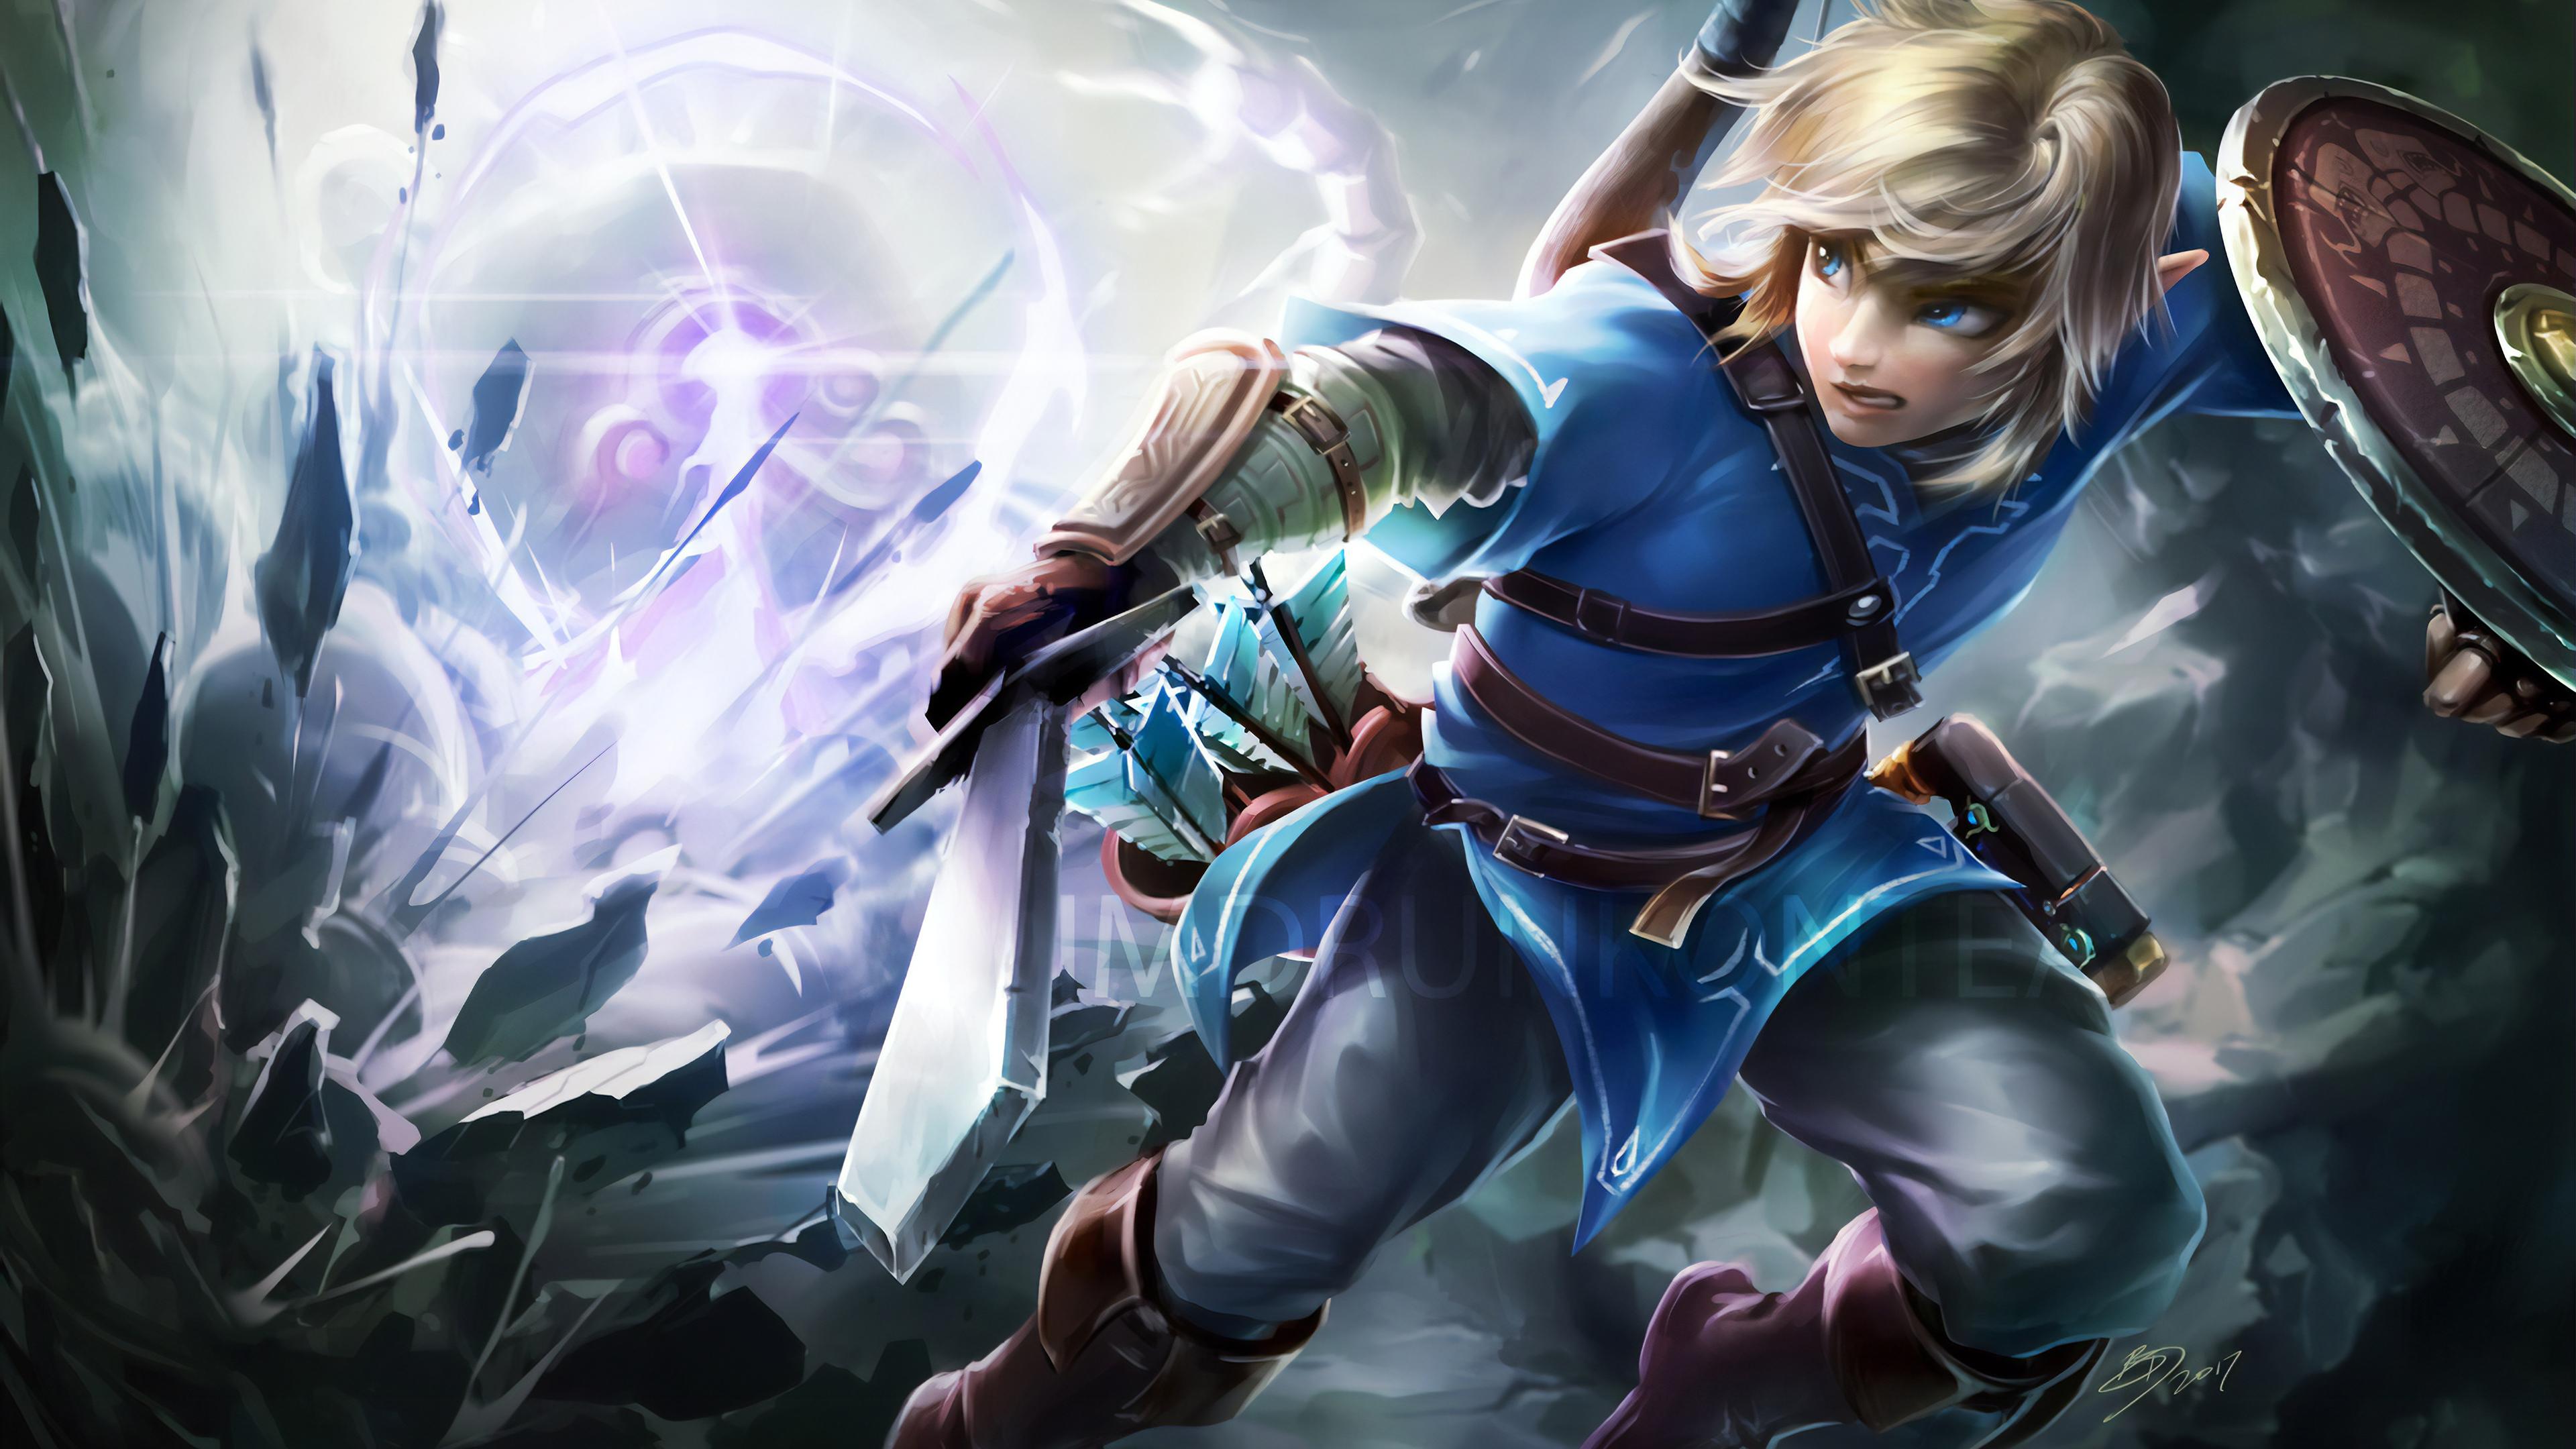 Wallpaper 4k The Legend Of Zelda Breath Of Wild 2019 Games